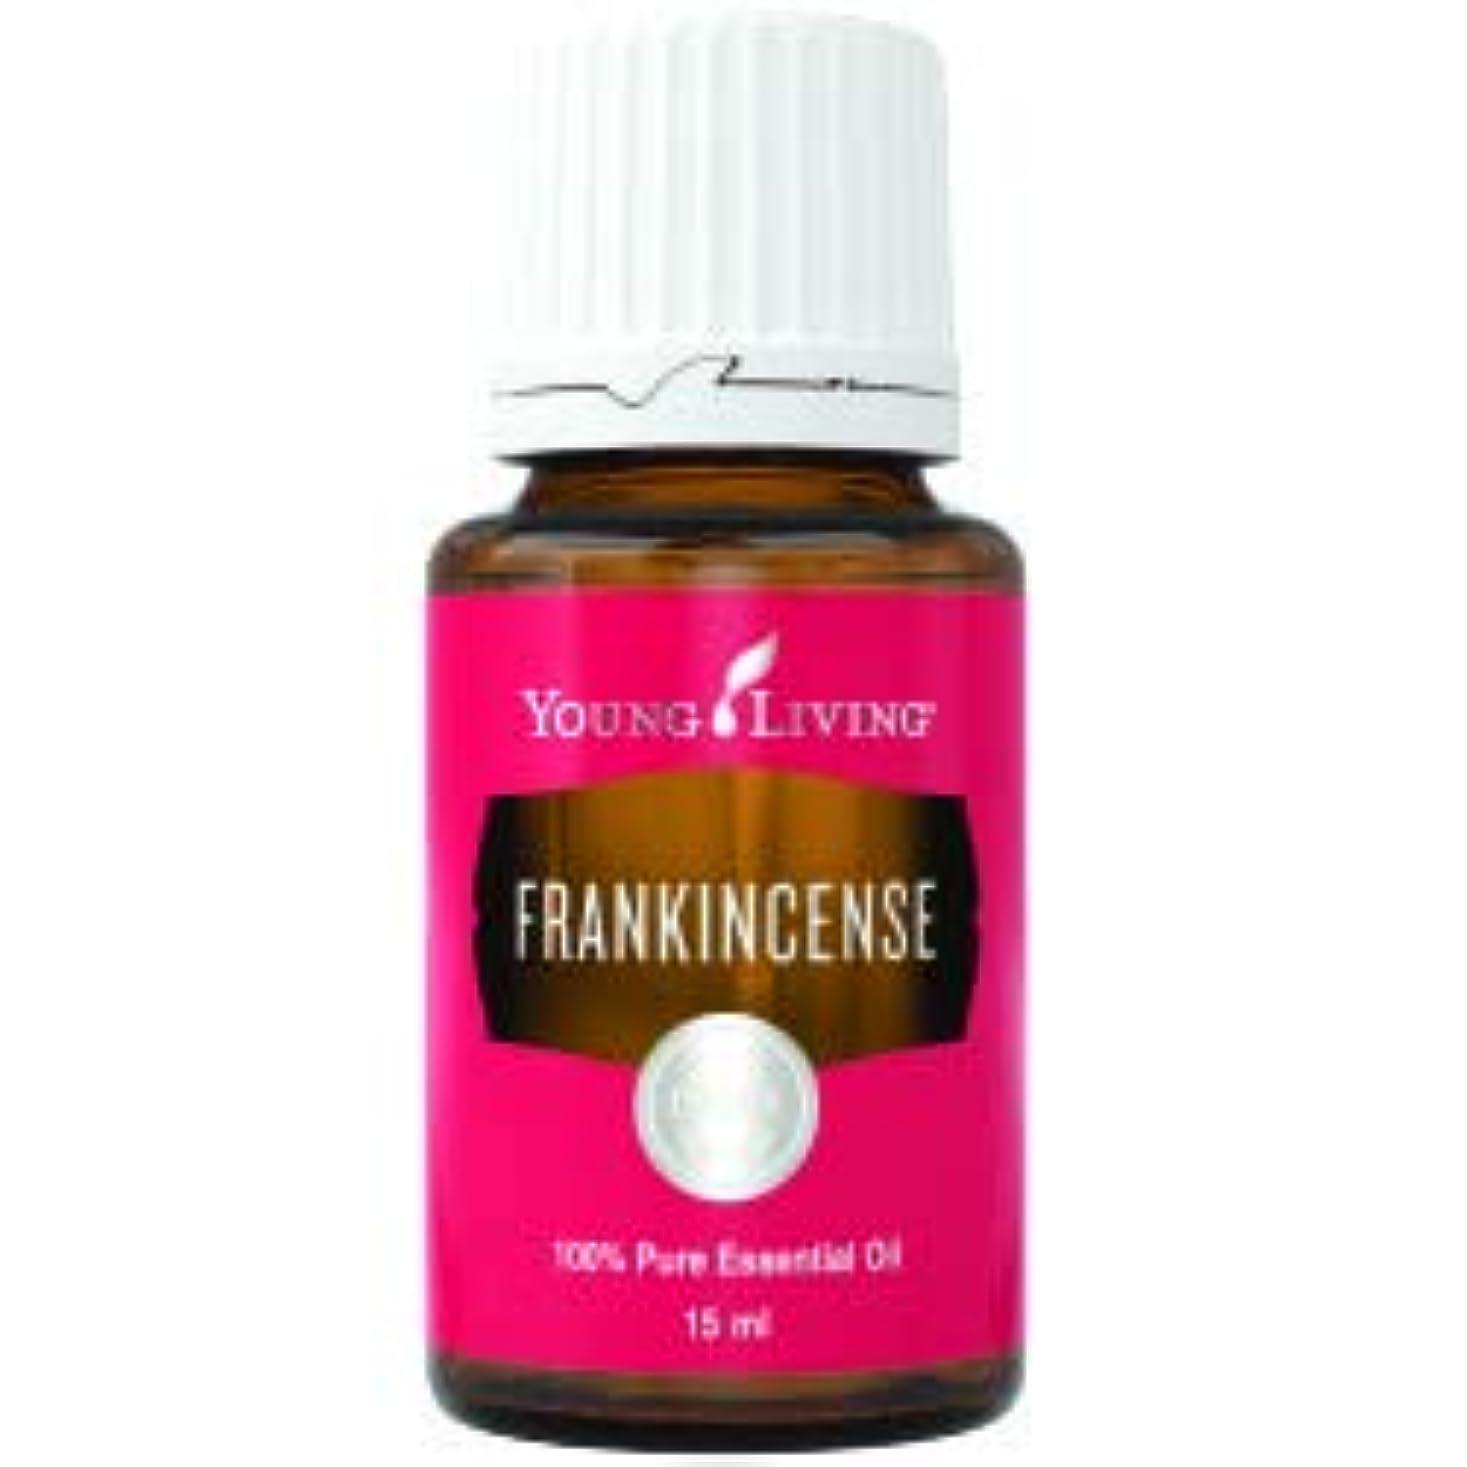 喜ぶ強います種フランキンセンスエッセンシャルオイル ヤングリビングエッセンシャルオイルマレーシア15ml Frankincense Essential Oil 15ml by Young Living Essential Oil Malaysia